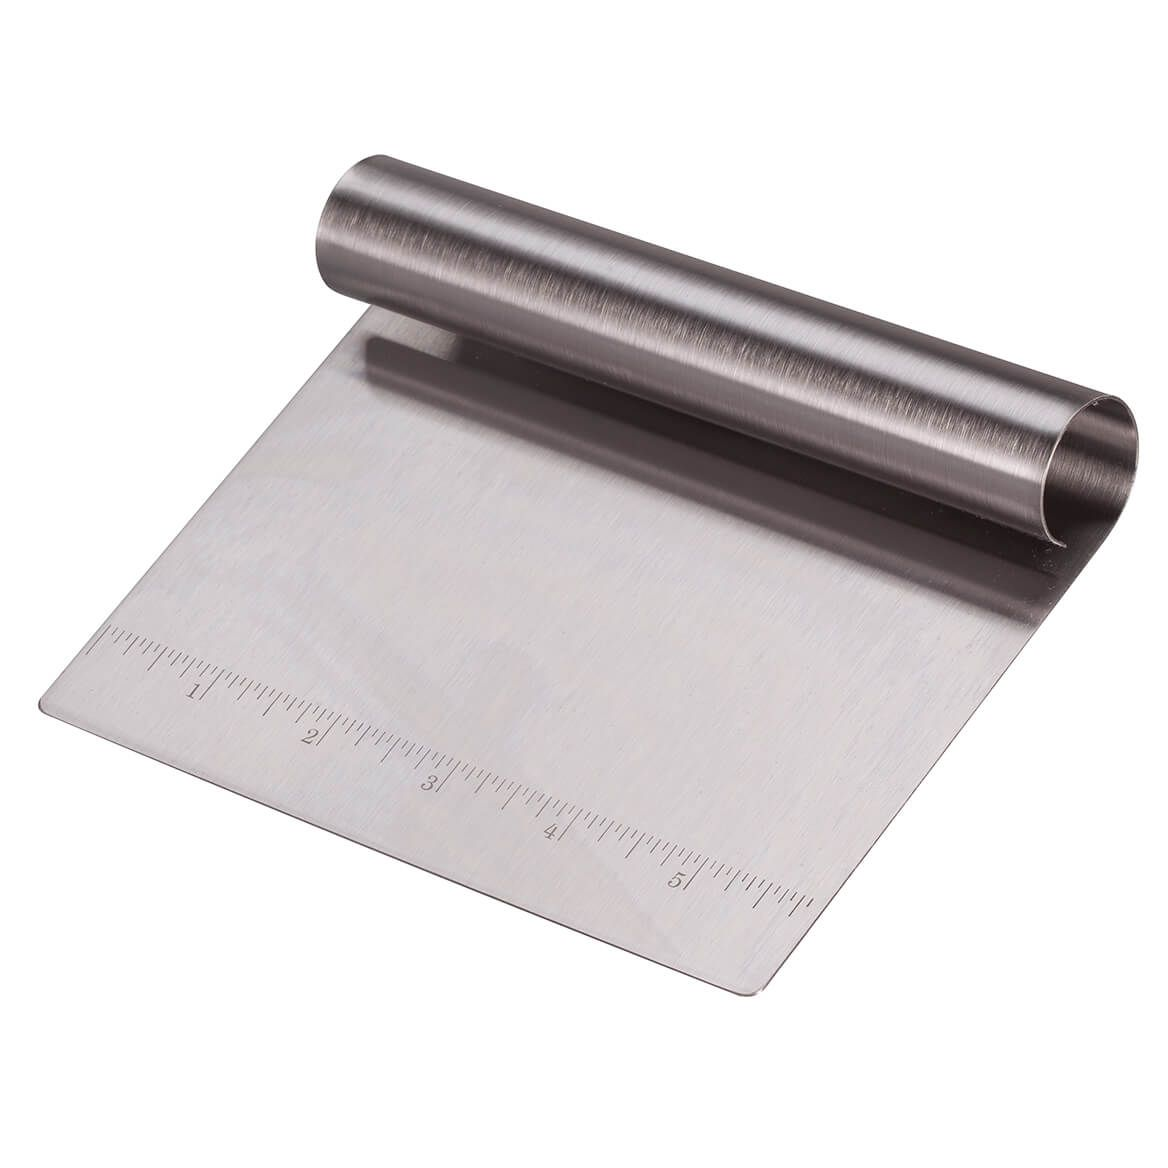 Bash`N Chop Stainless Steel Board Scraper-363285